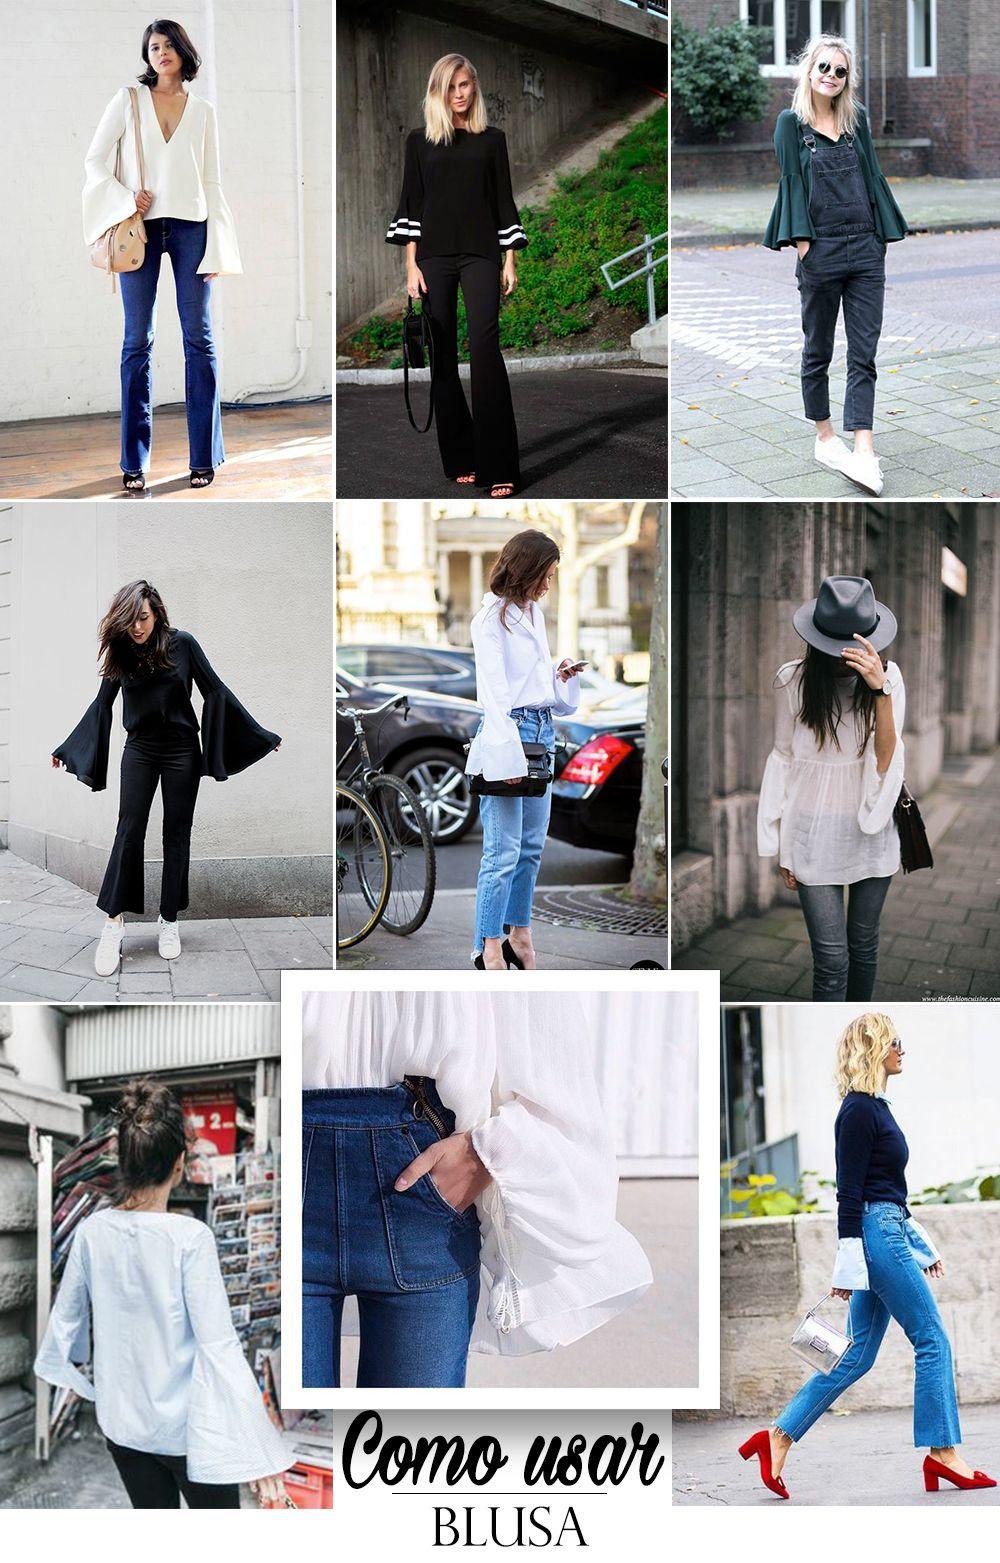 tendencia manga boca de sino blog da mariah como usar blusa